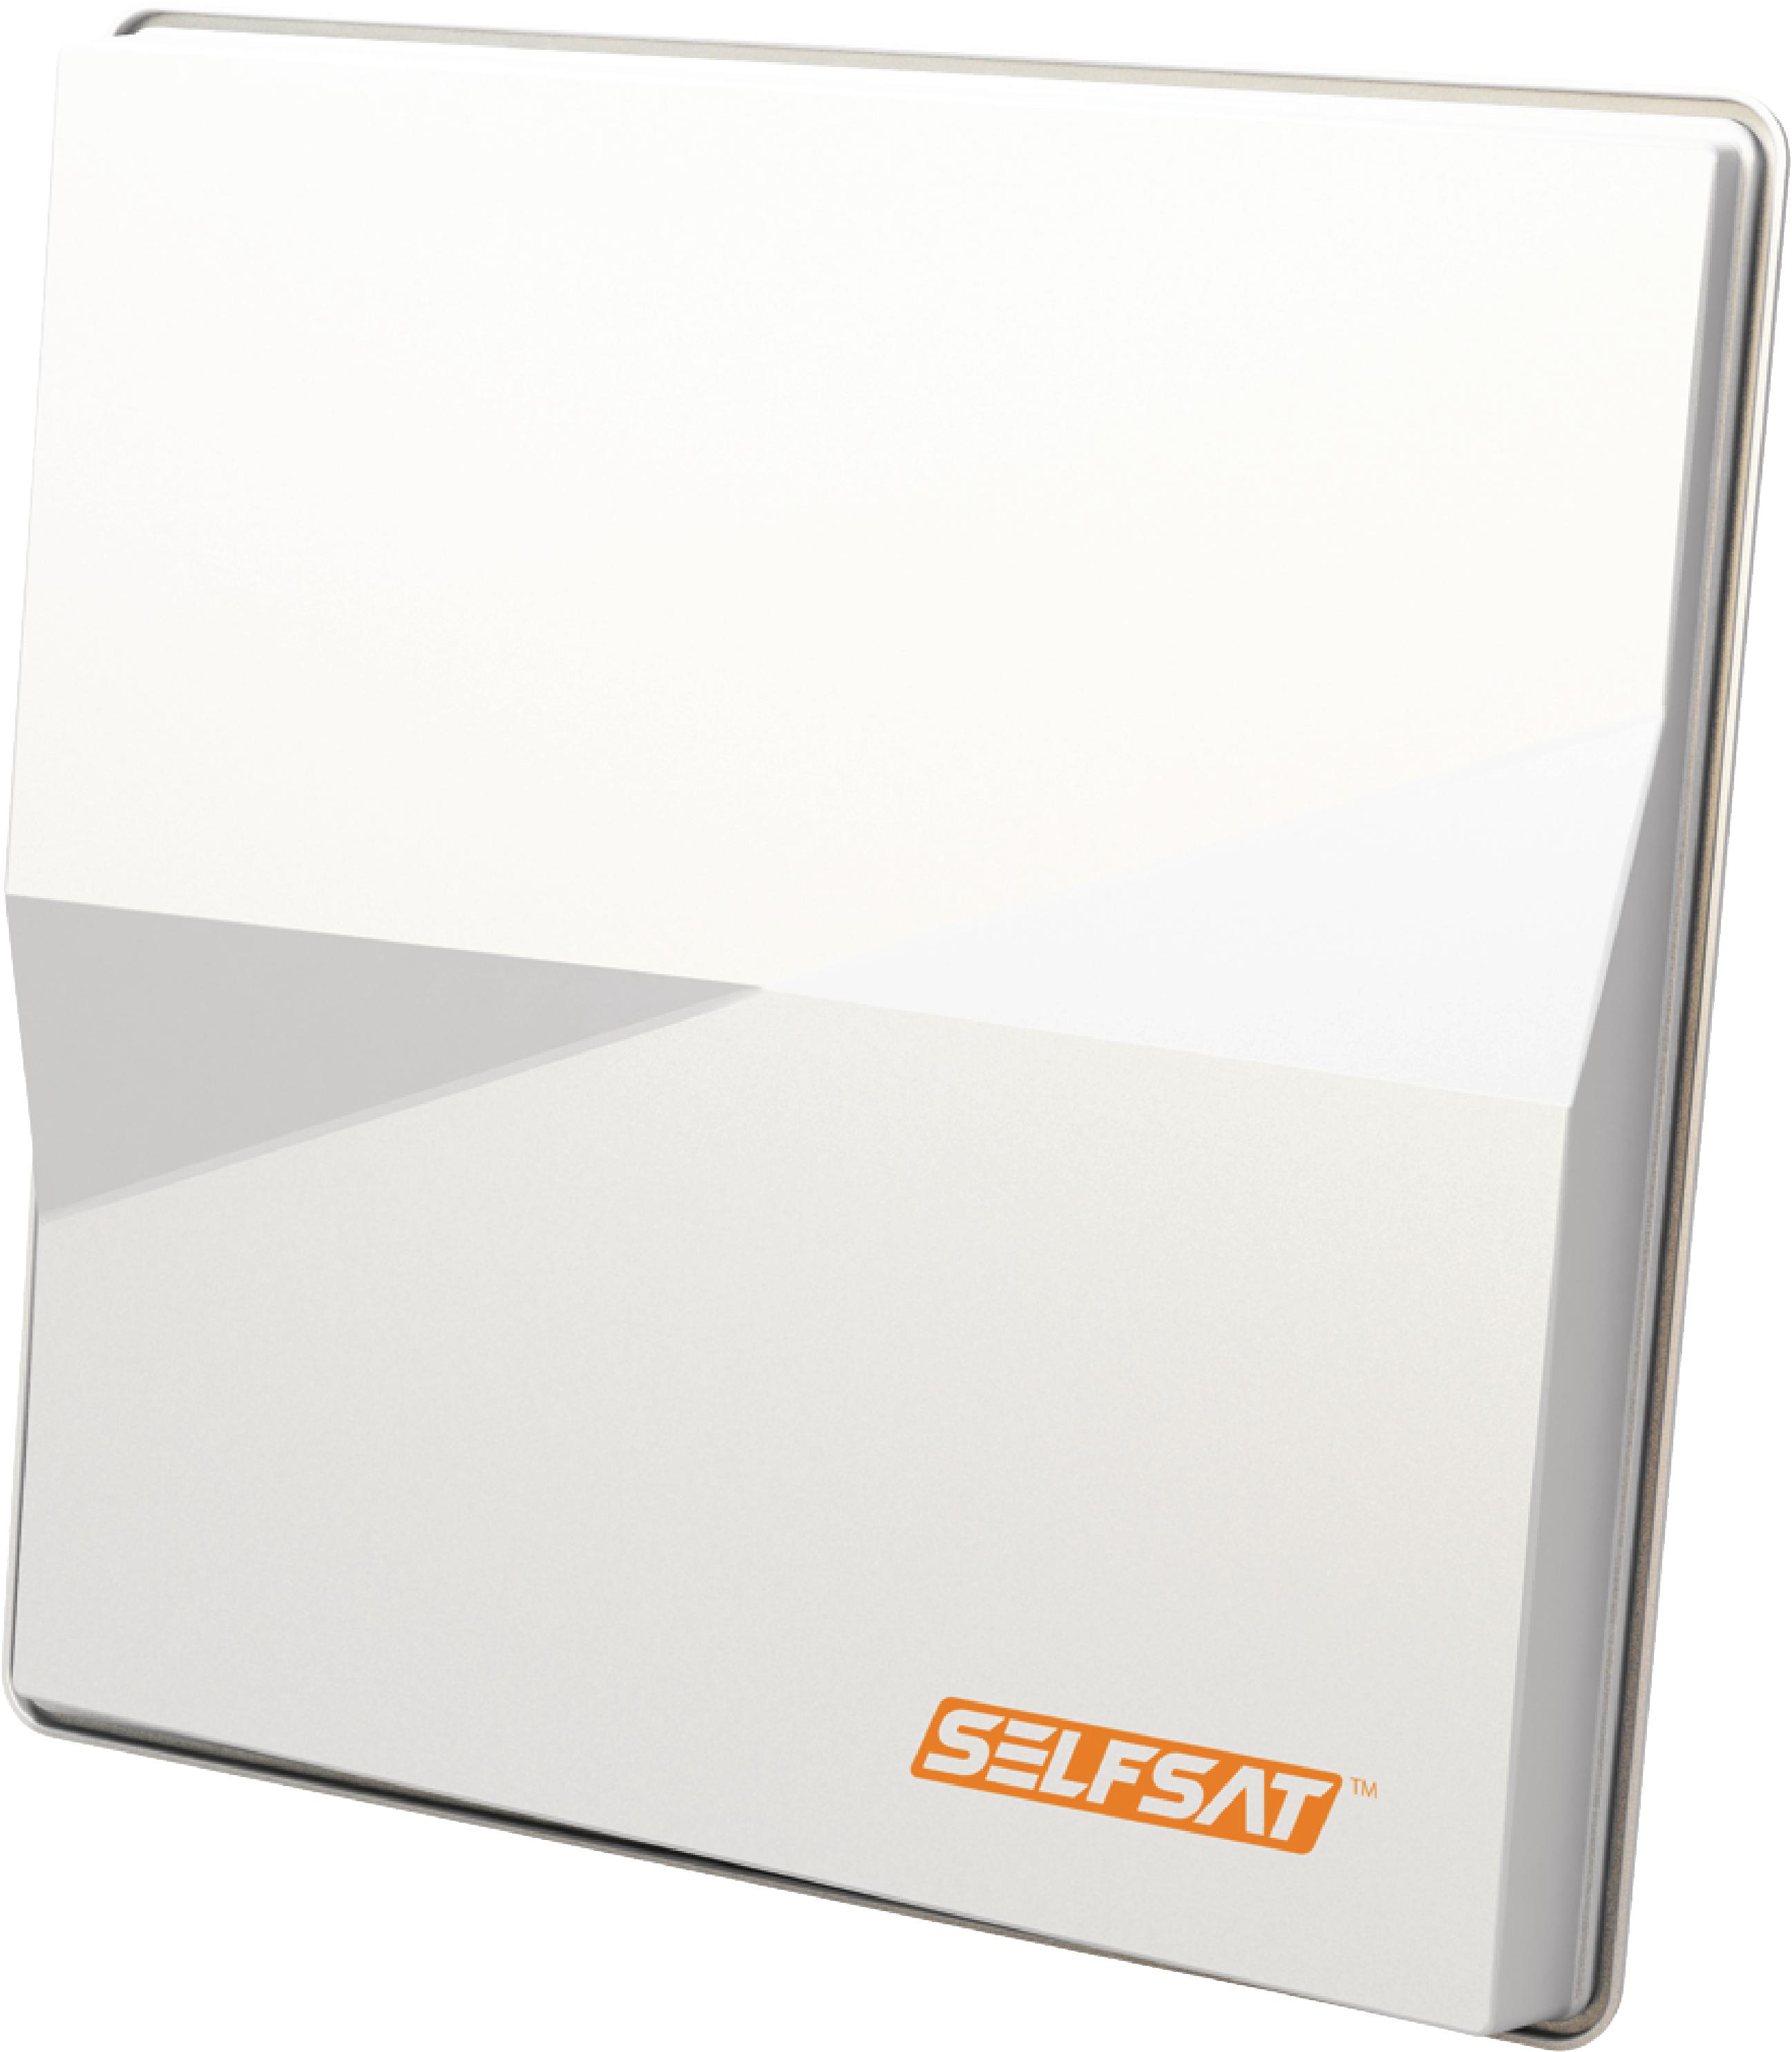 H50M FLAT SATELLITE DISH SINGLE LNB WHITE